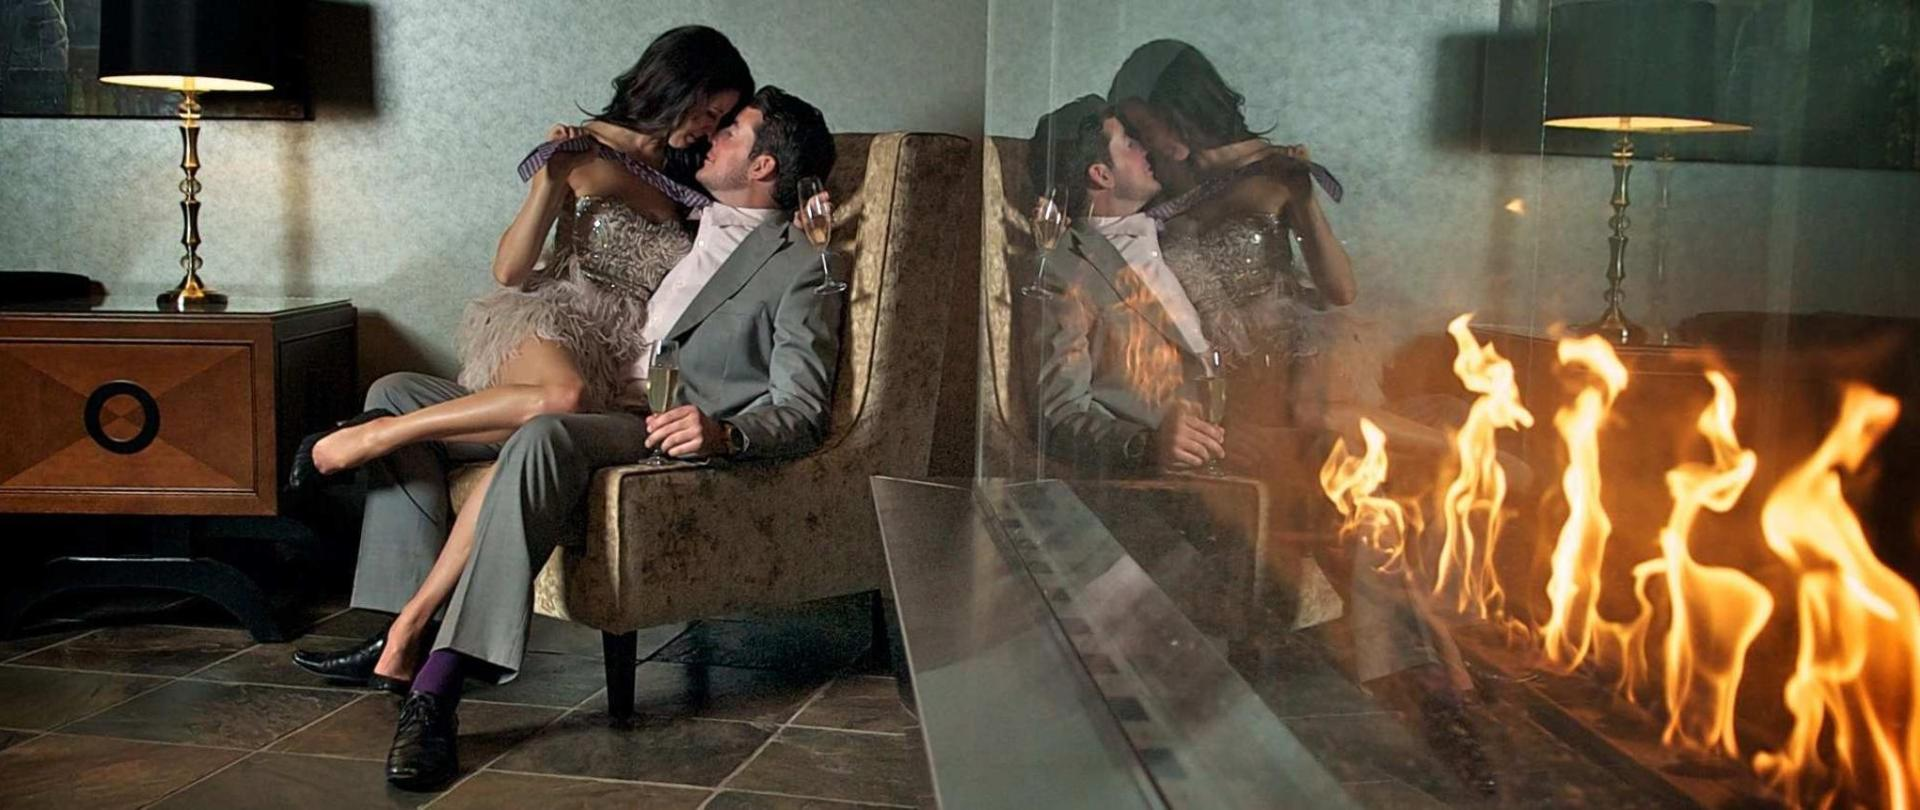 fireplace.jpg.1920x807_0_230_10000.jpg